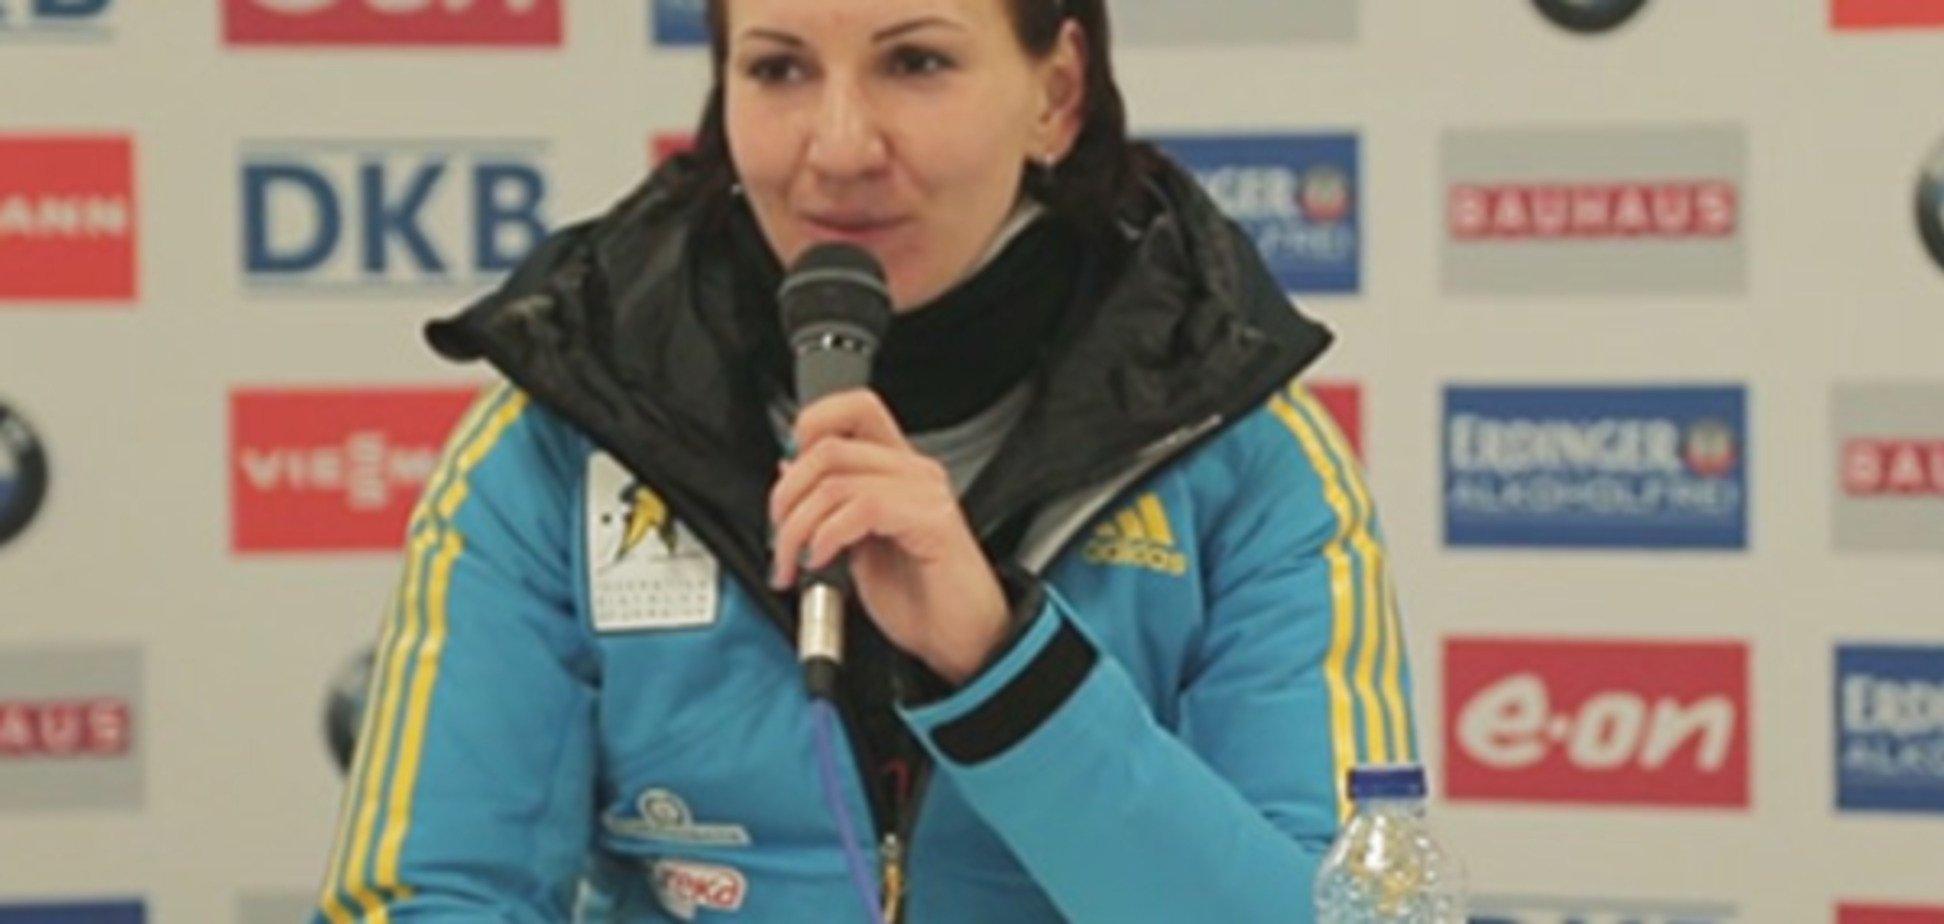 'Підходила зі страхом': Підгрушна здивована своєю медаллю на Кубку світу з біатлону